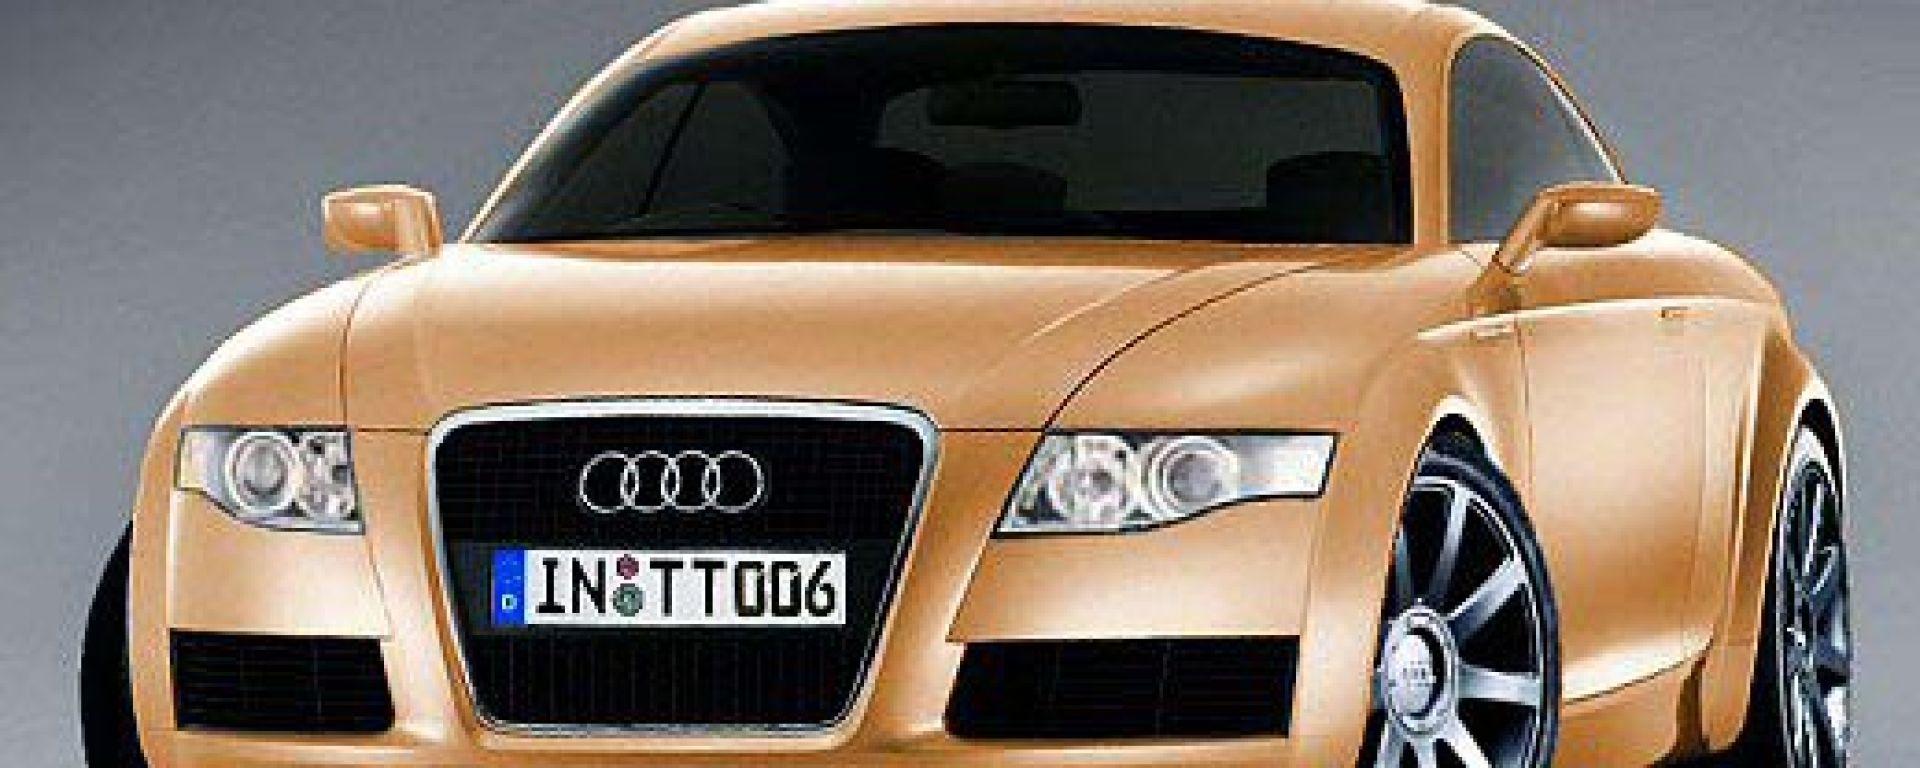 Sarà così la nuova Audi TT?